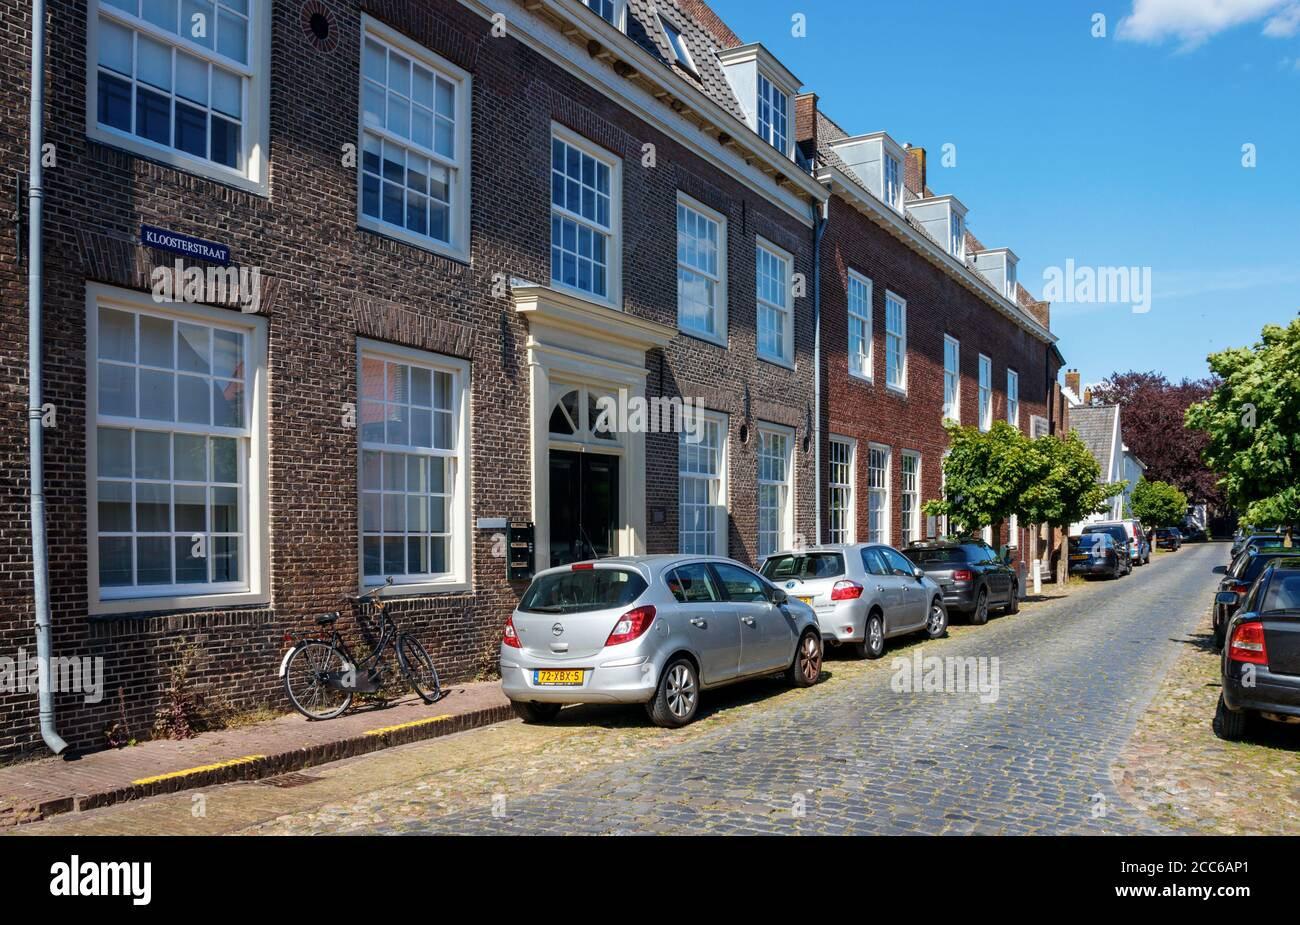 Centro antiguo de la ciudad de Naarden. Kloosterstraat con el Museo Comenius en un día soleado. Holanda del Norte, países Bajos. Foto de stock